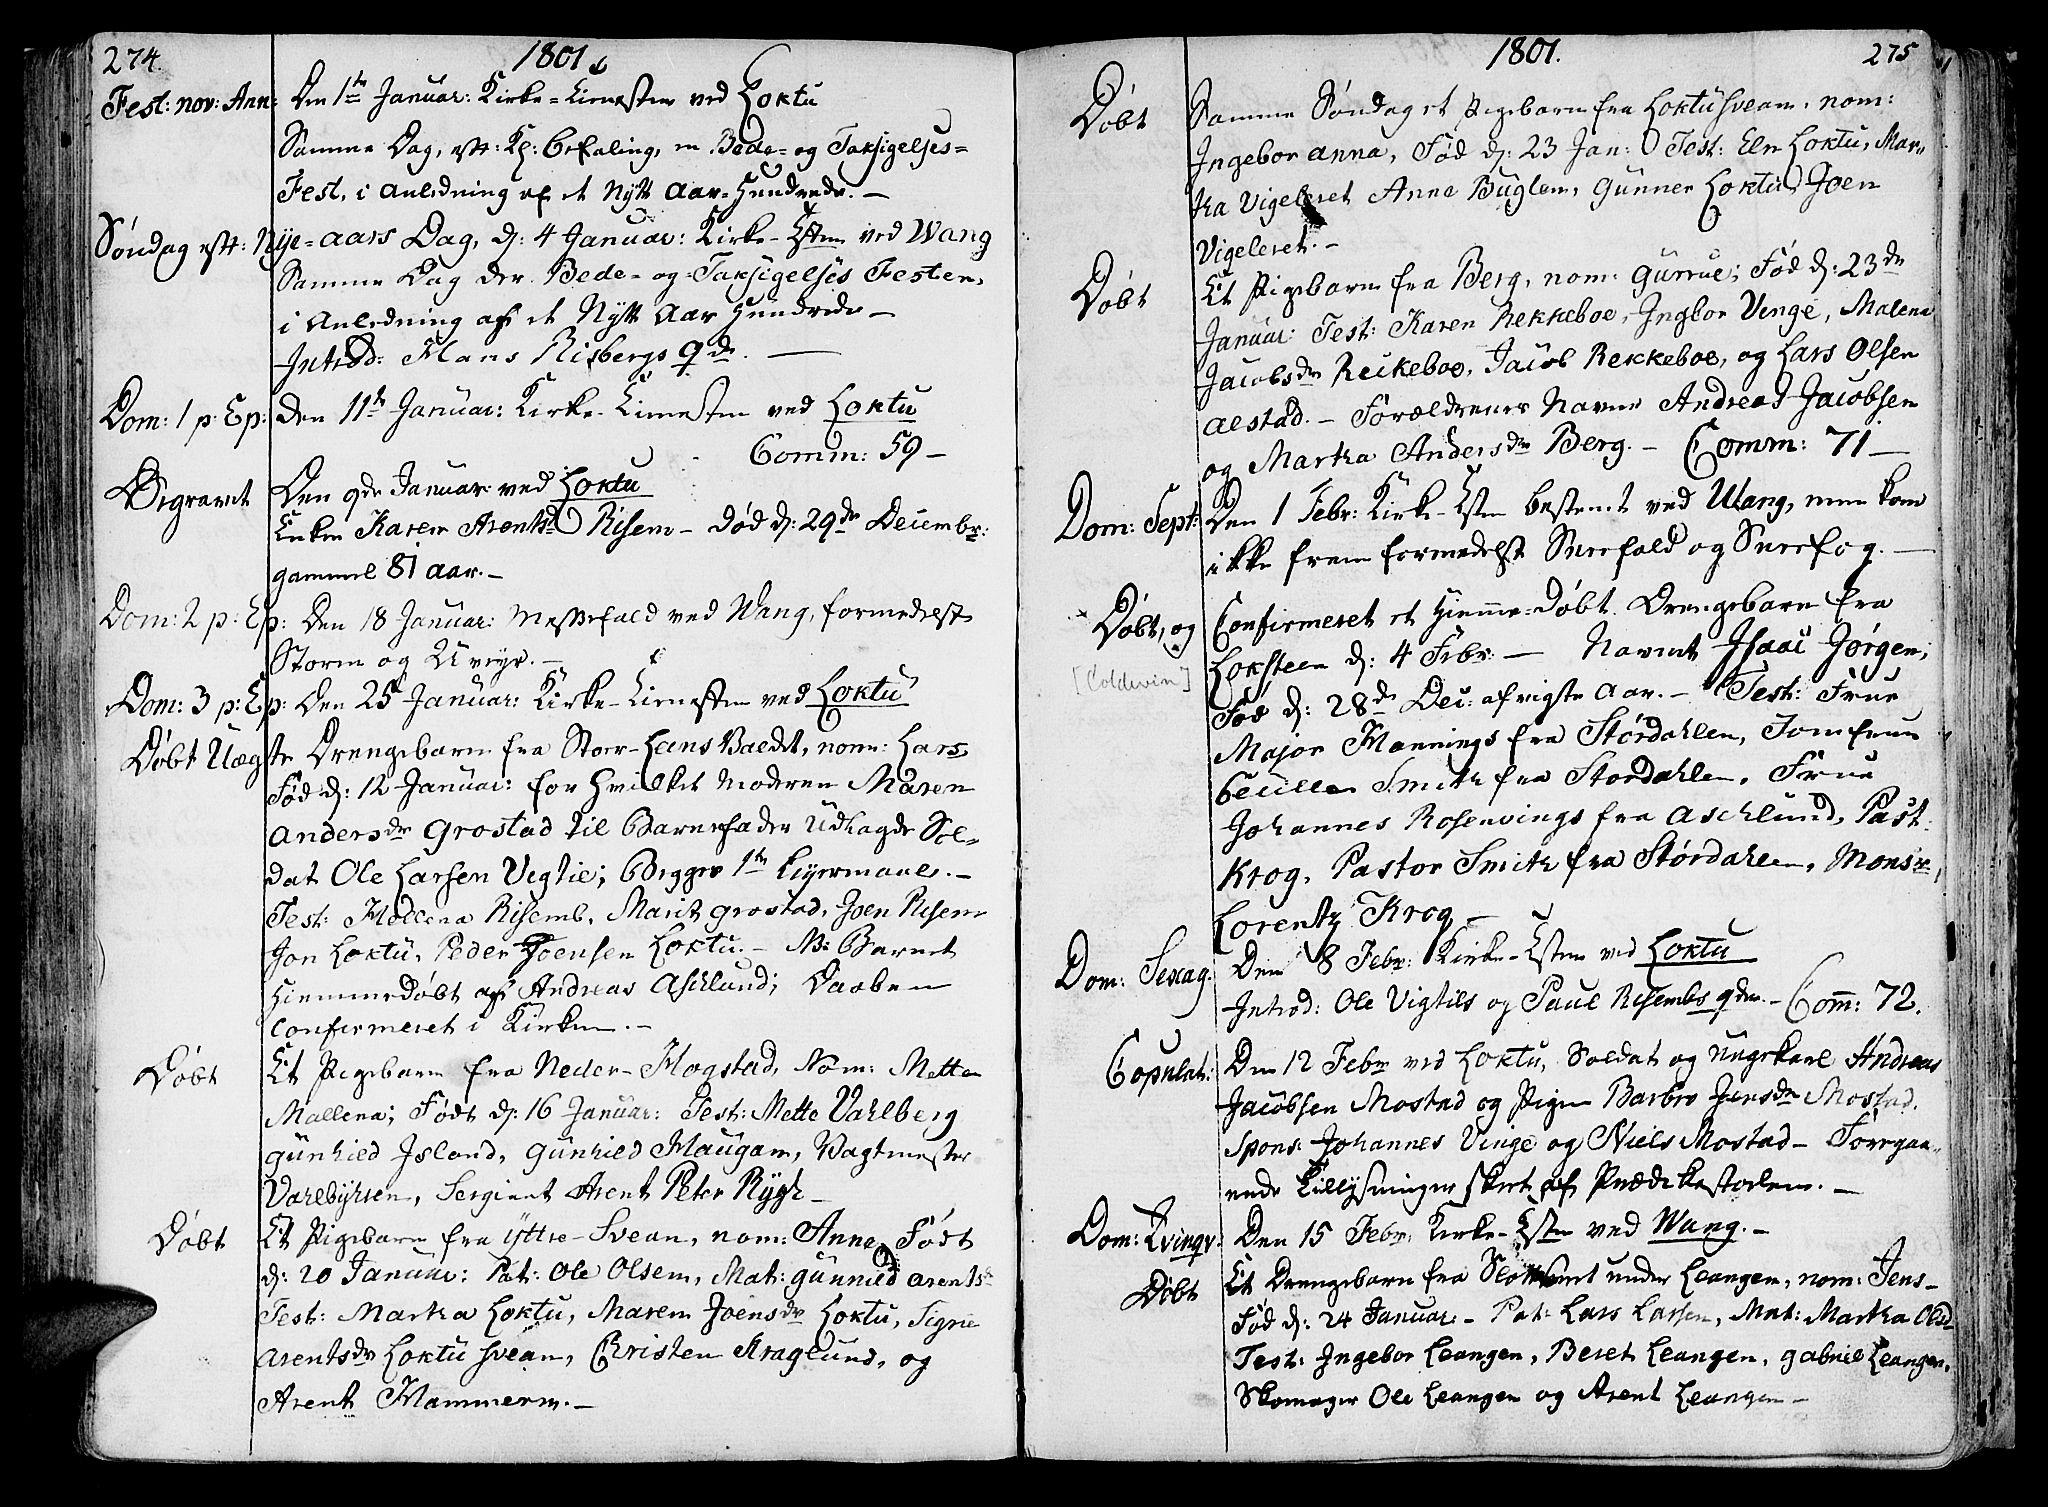 SAT, Ministerialprotokoller, klokkerbøker og fødselsregistre - Nord-Trøndelag, 713/L0110: Ministerialbok nr. 713A02, 1778-1811, s. 274-275